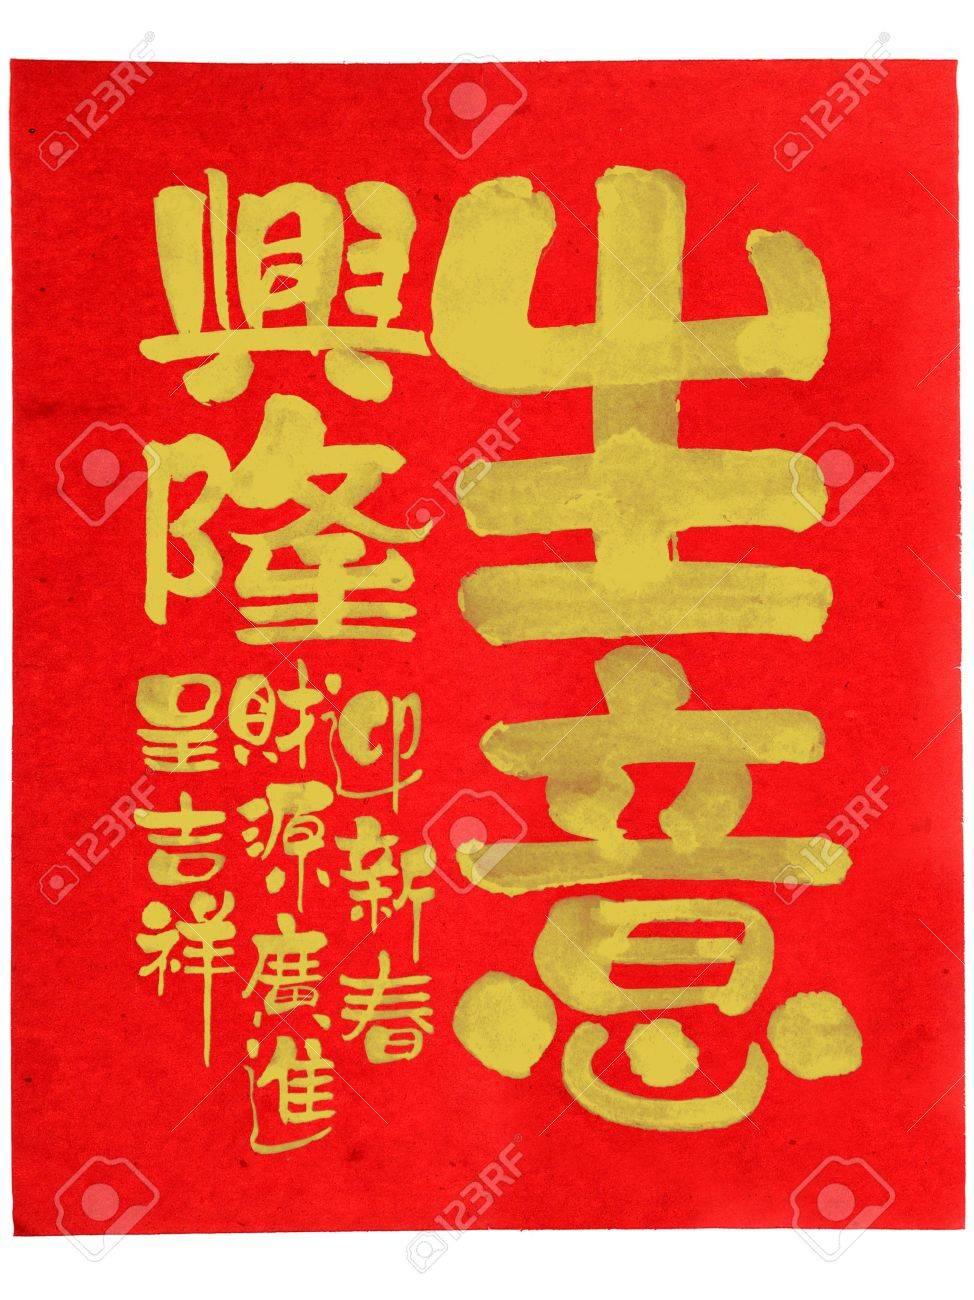 Chinesische Kalligraphie Auf Rotem Papier Enthalten Bedeutung Für ...